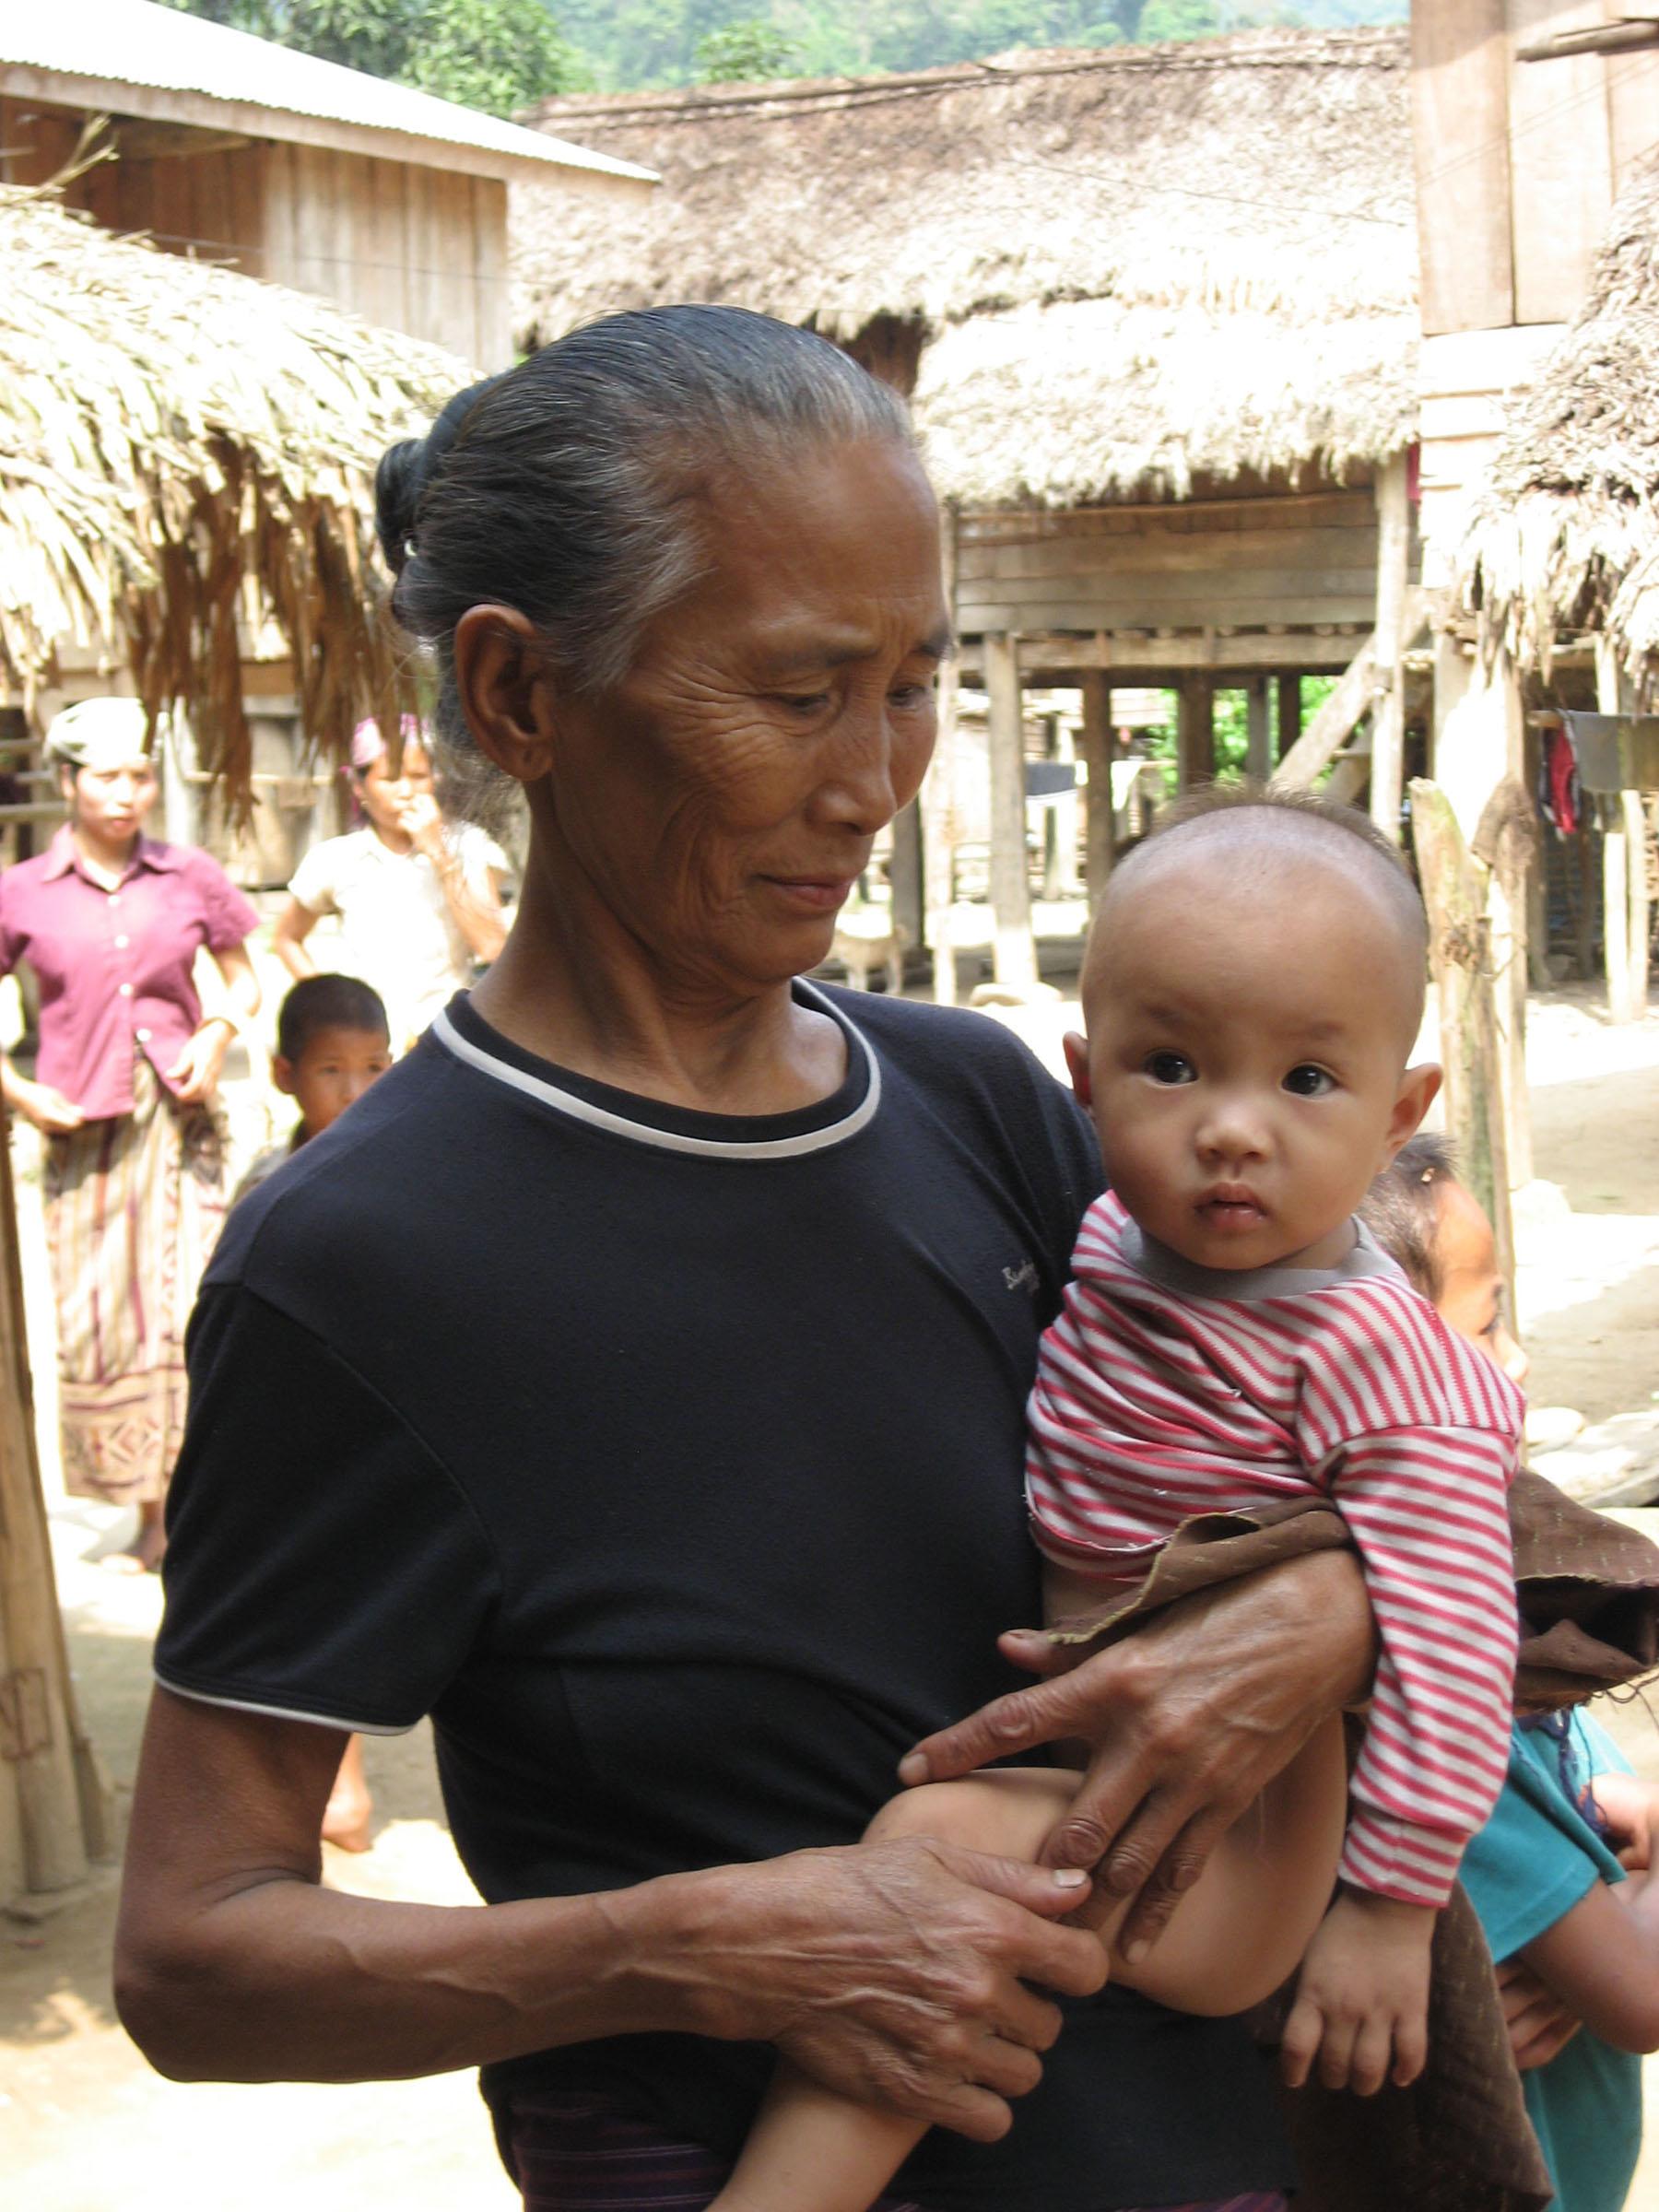 Grand-mère portant sa petite-fille